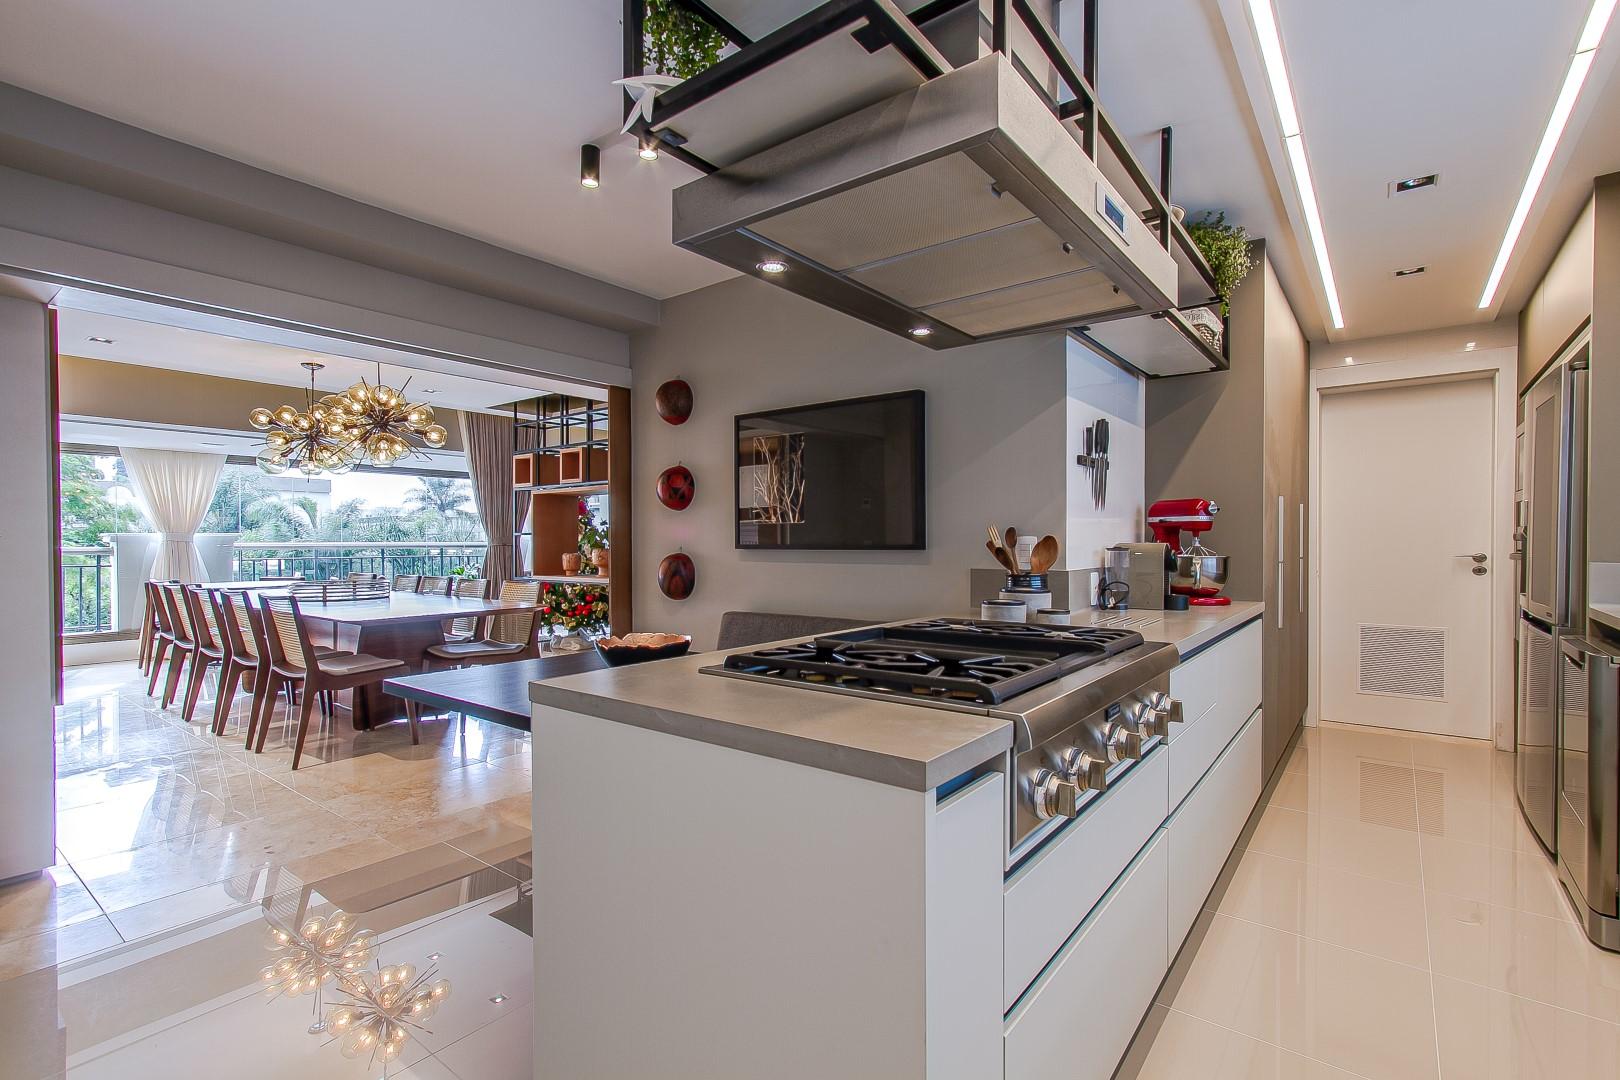 Cozinha é integrada ao restante das áreas comuns, mas pode ser isolada por meio de painéis instalados entre os cômodos. Foto: Francis Larsen / Divulgação